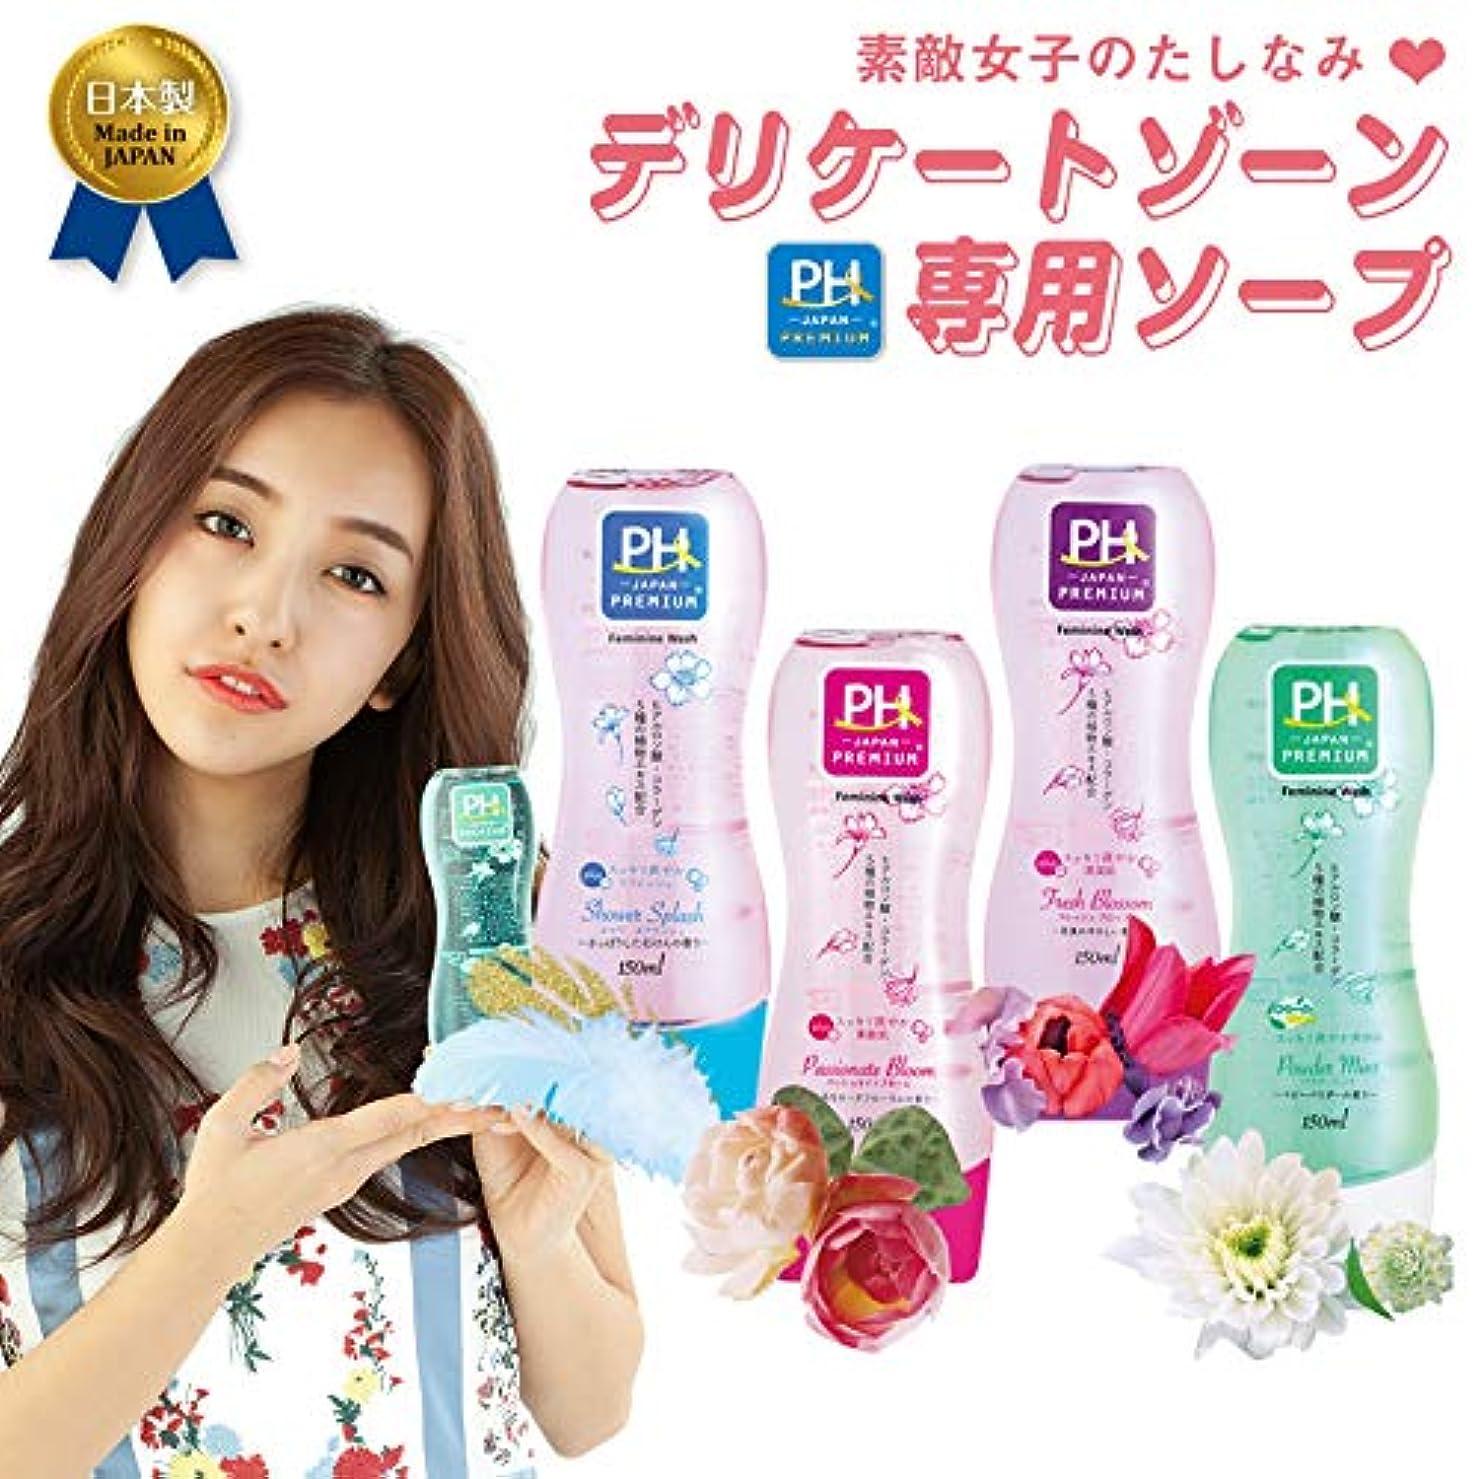 ゲージ消毒剤レッスンフレッシュブロッソム4本セット PH JAPAN フェミニンウォッシュ 花束のやさしい香り